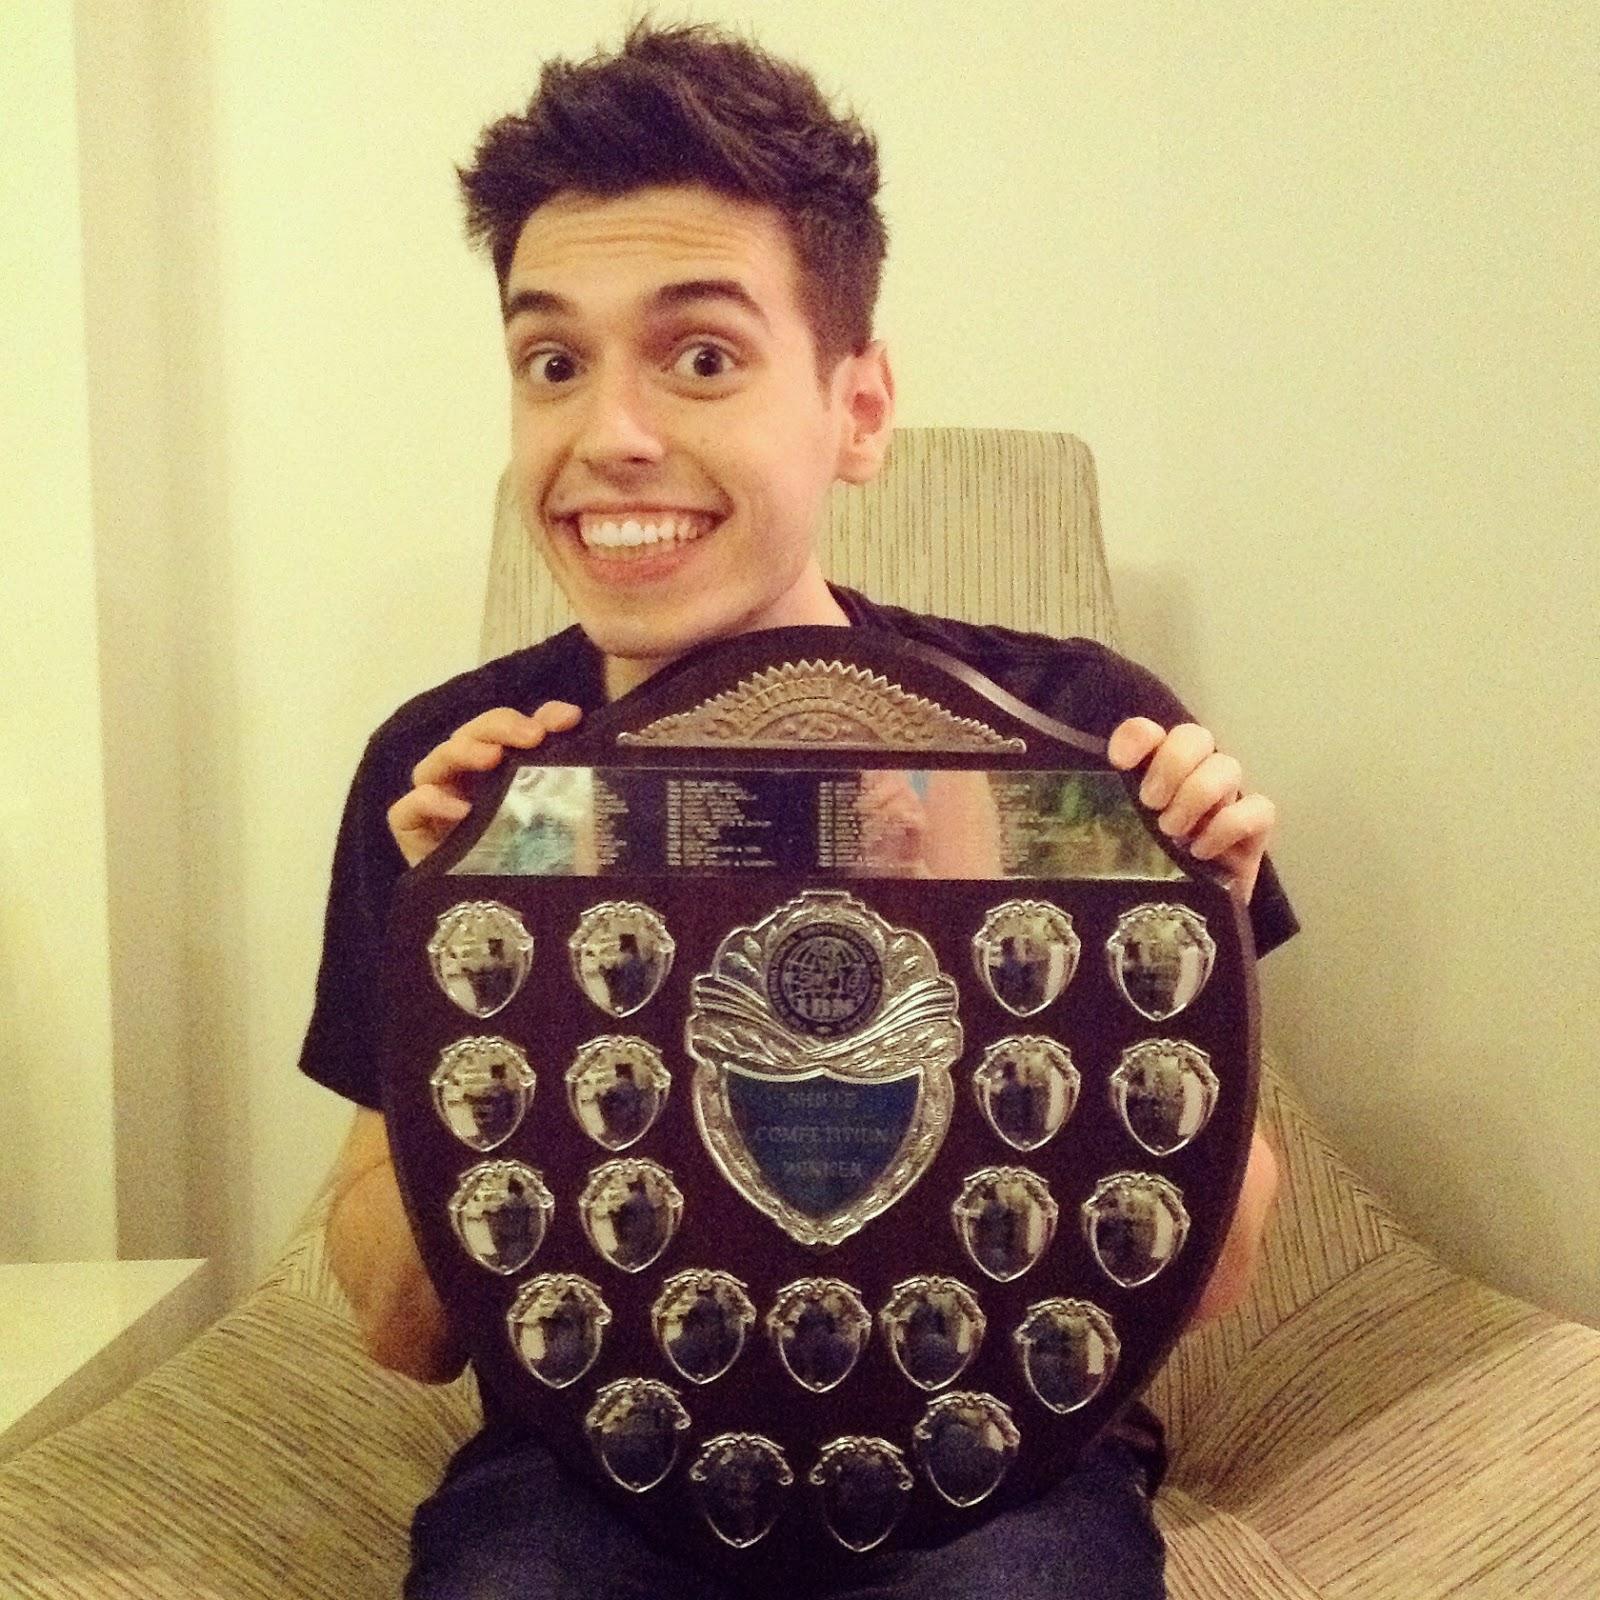 The British Ring Shield - It's big!